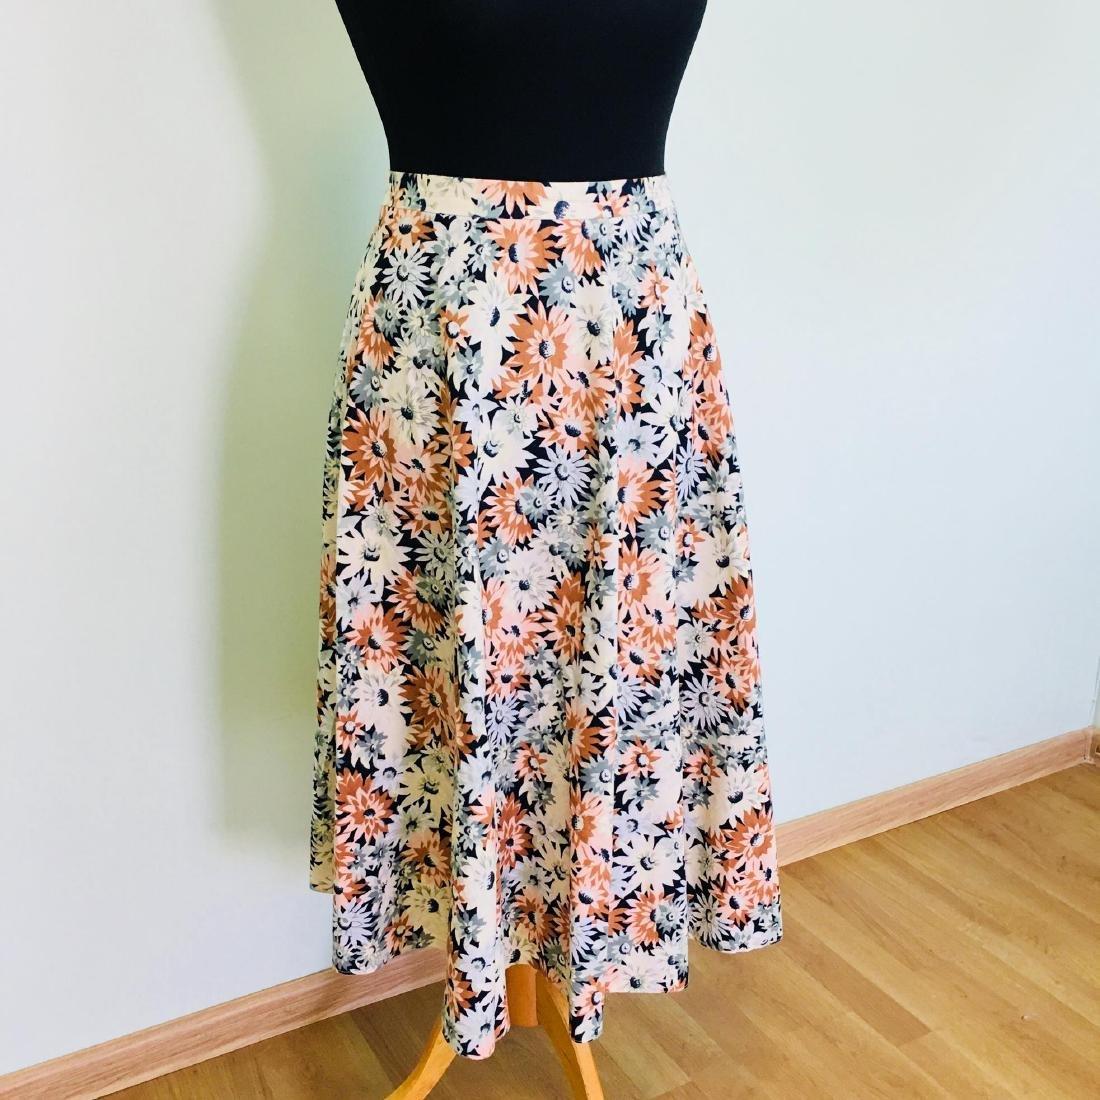 Vintage Women's Summer Skirt - 3